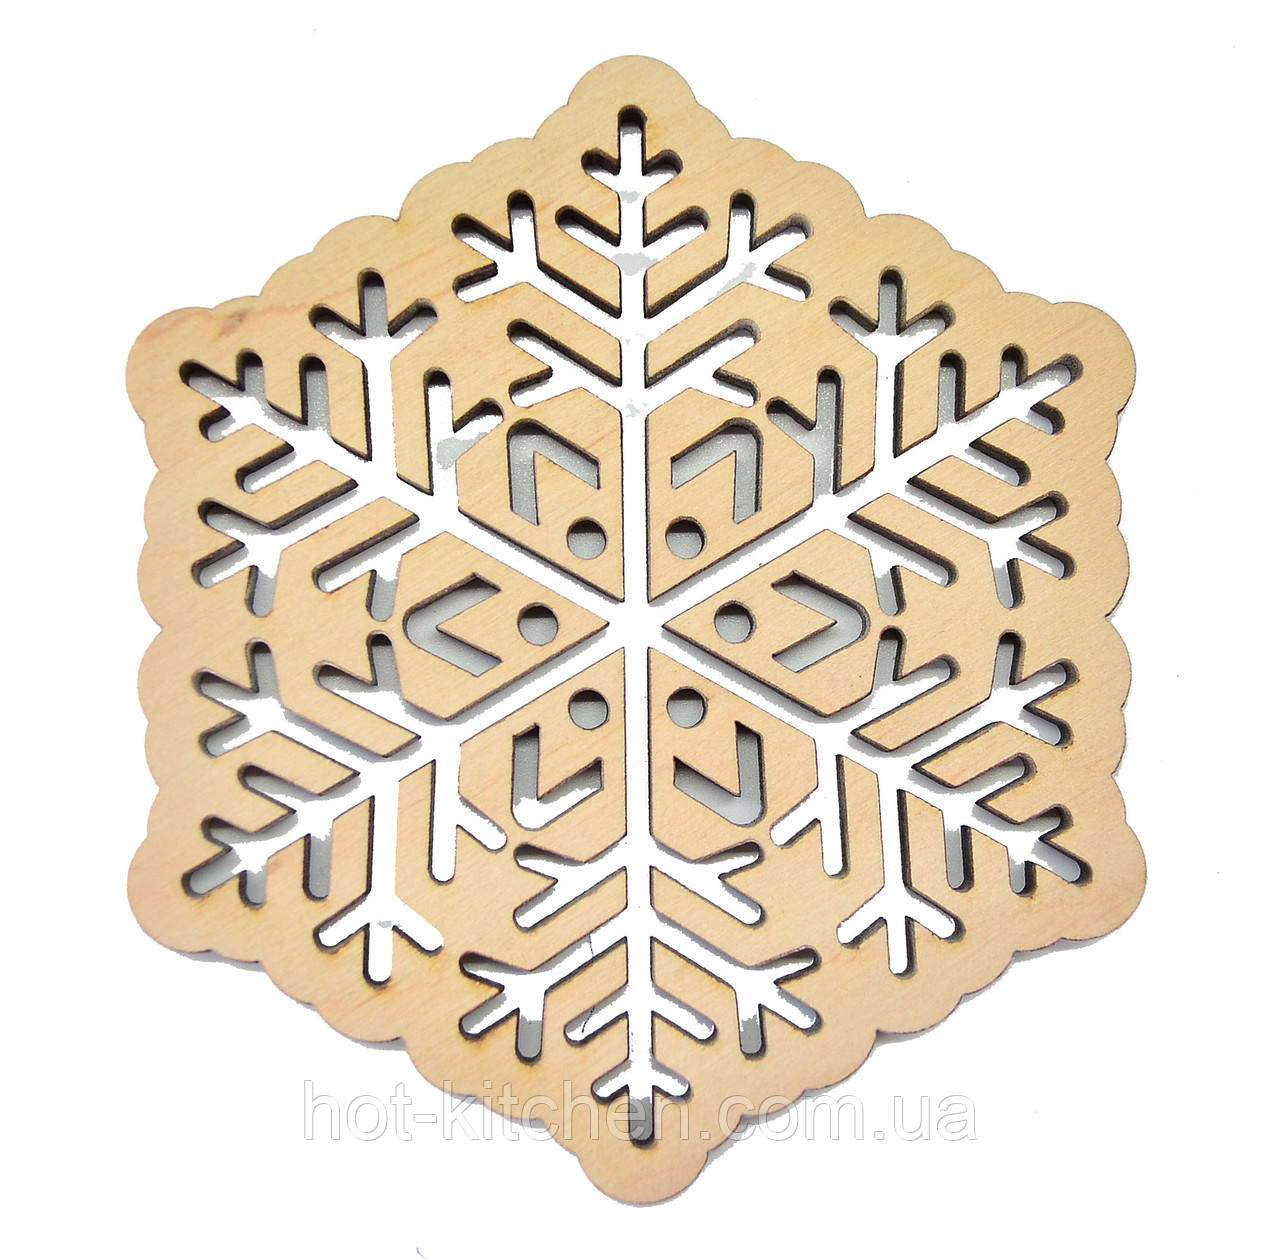 Деревянная новогодняя игрушка заготовка. Снежинка